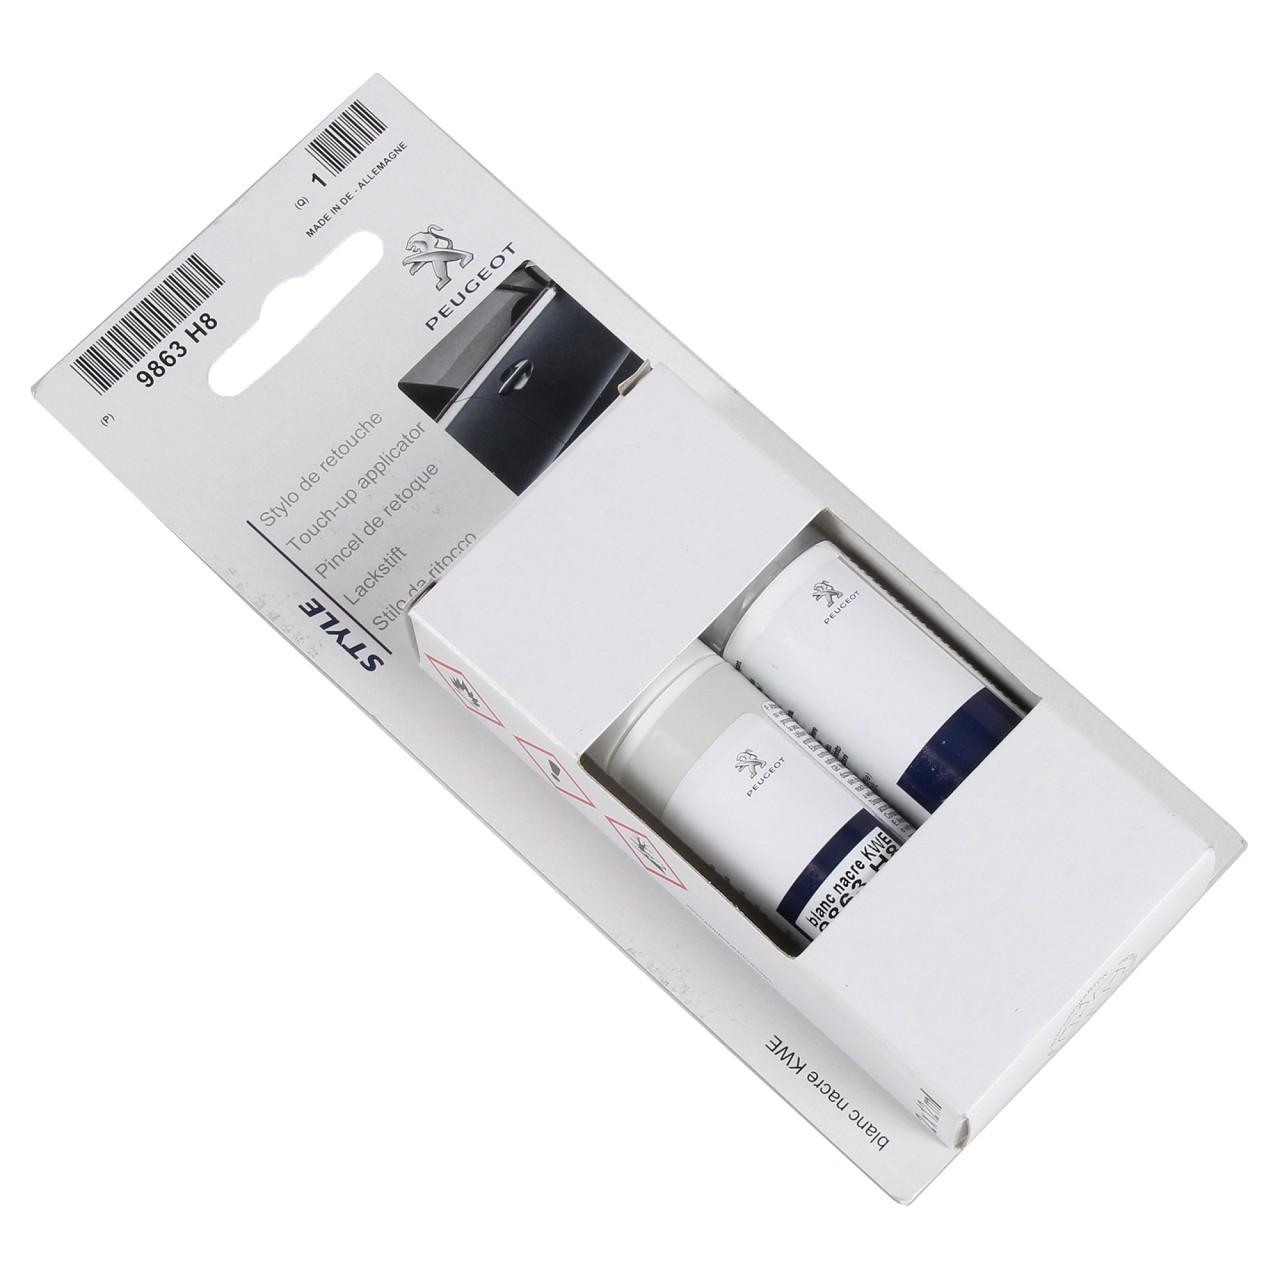 ORIGINAL Peugeot Lackstift Set PERLMUTT WEISS KWE + 12ml Klarlack 1649608780